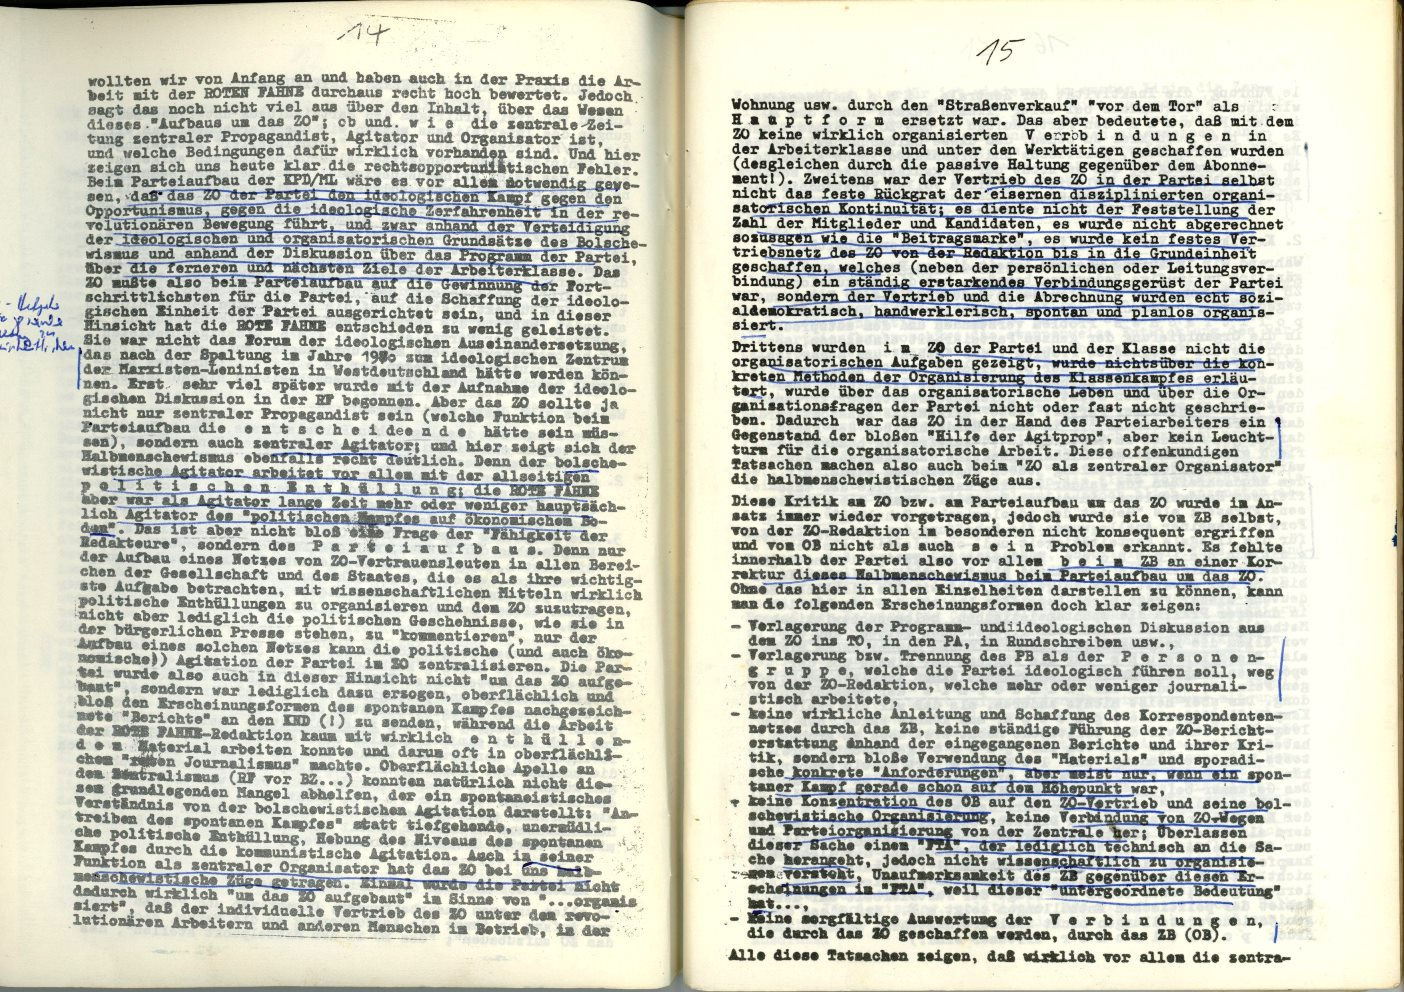 ZB_1972_Diskussionsorgan_zur_ersten_Parteikonferenz_09